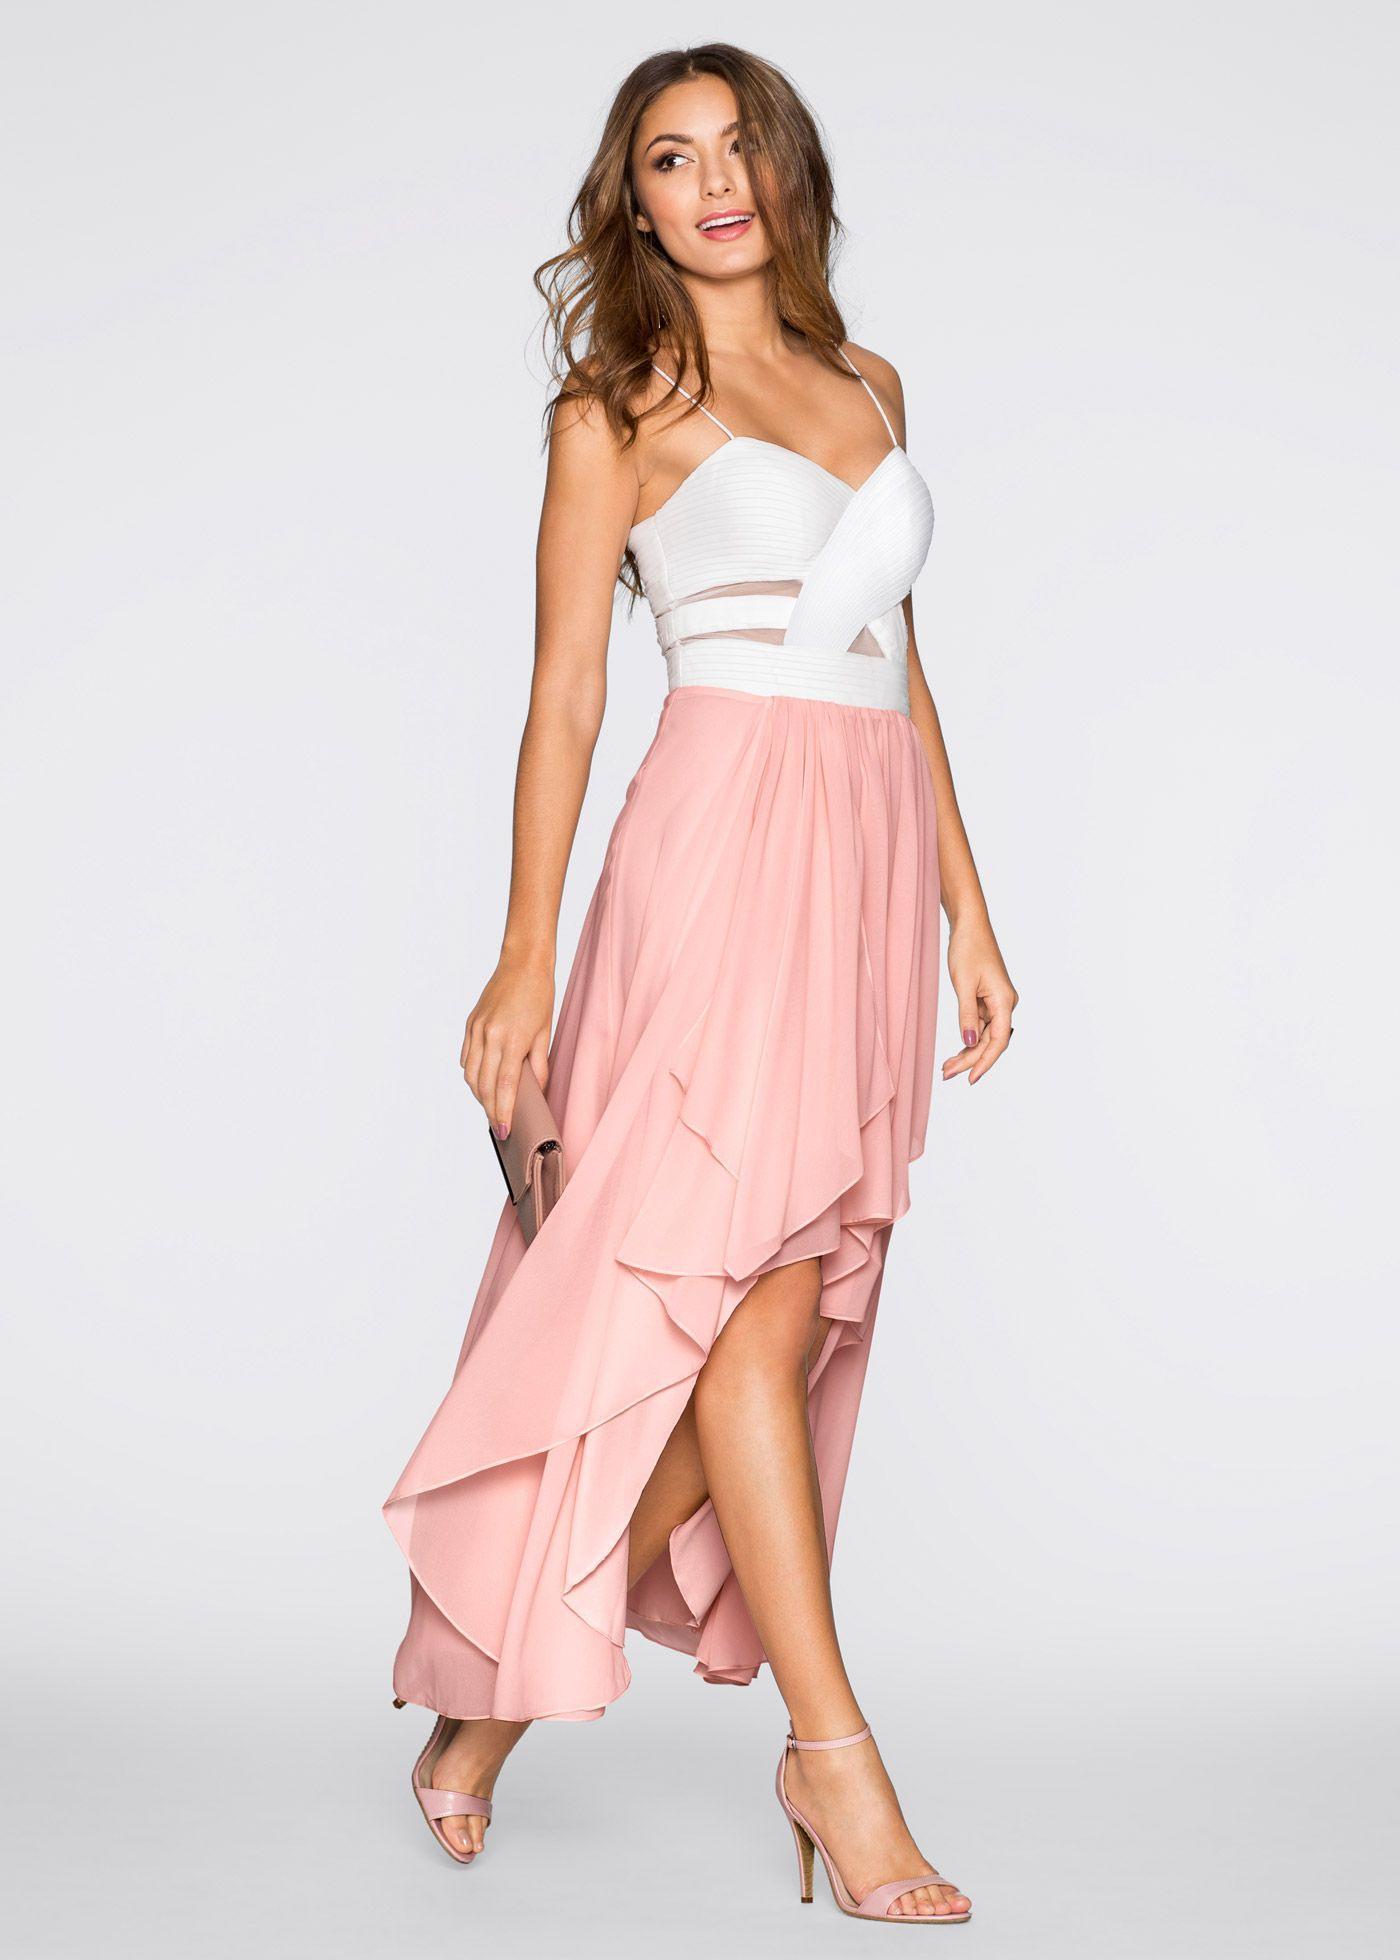 Kleid Weiß/rosa - Bodyflirt Jetzt Im Online Shop Von Bonprix